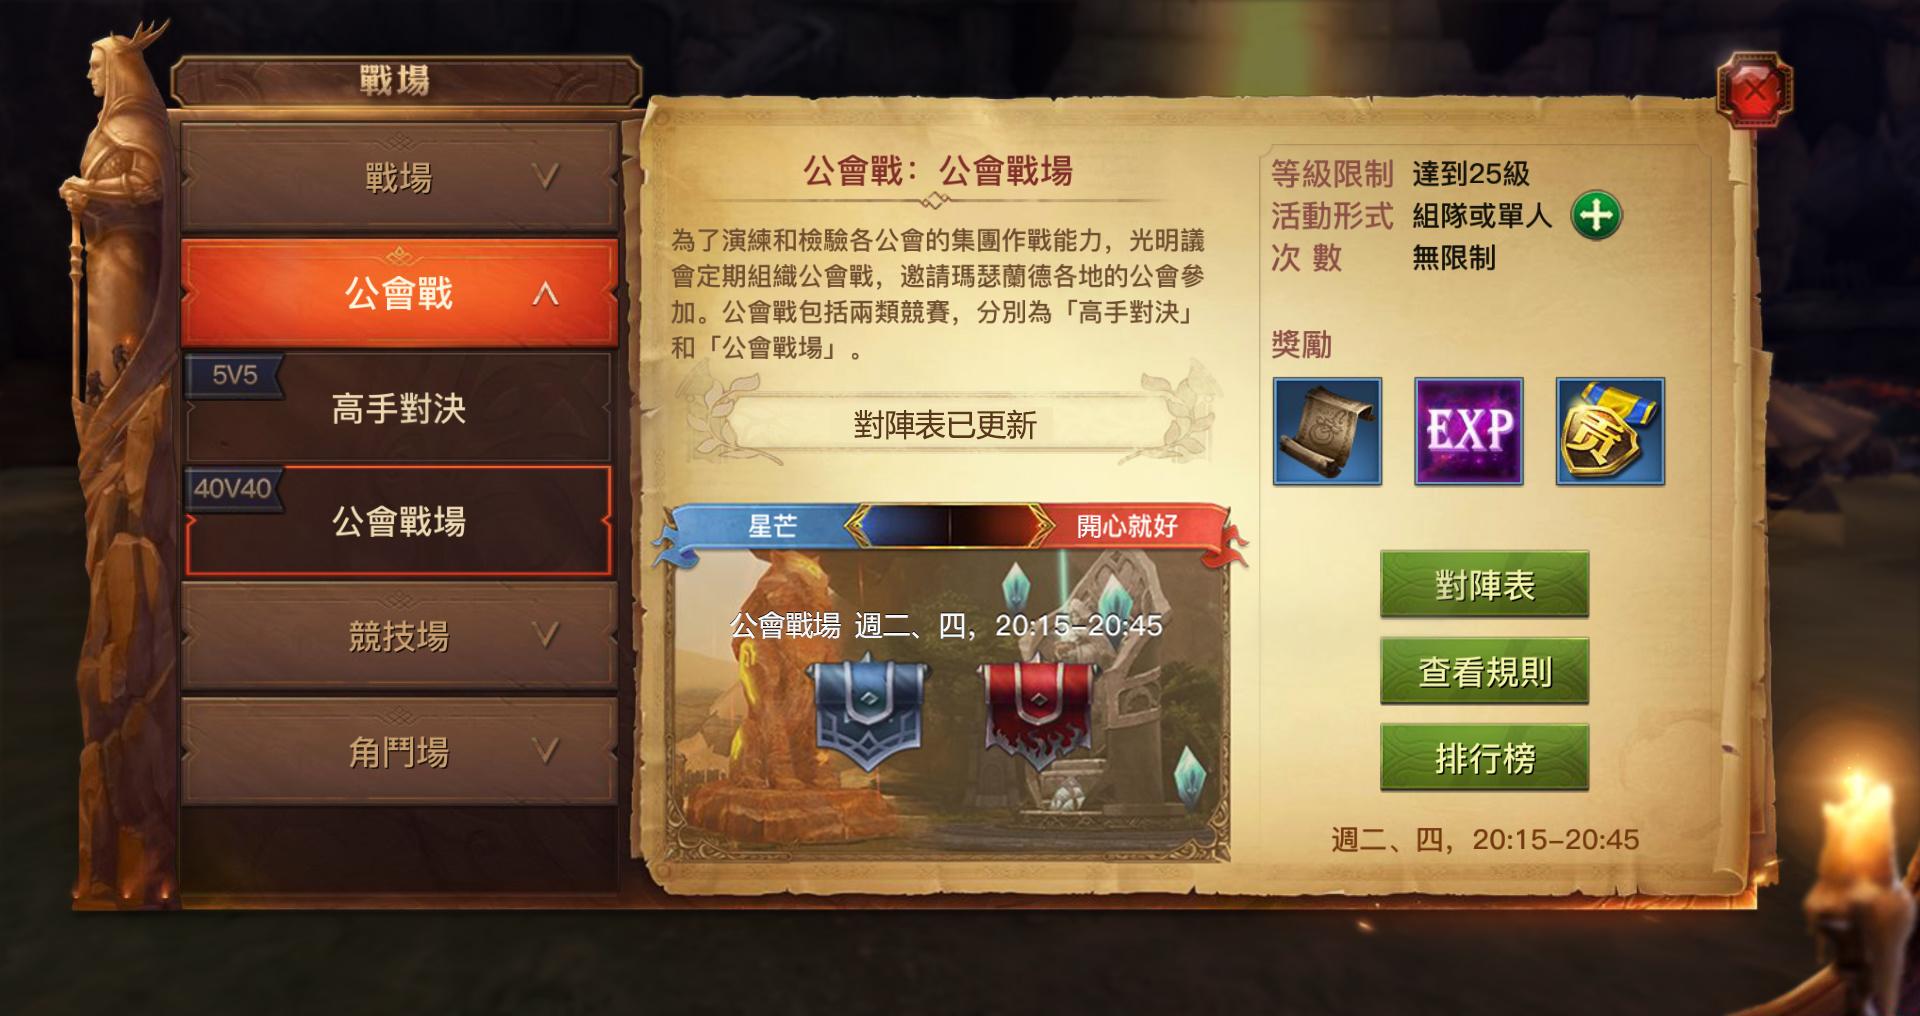 《光明之戰》今日上市 iOS及Android雙平台齊發 同步釋出PC版 上市活動 組隊推王奪1,000萬現金